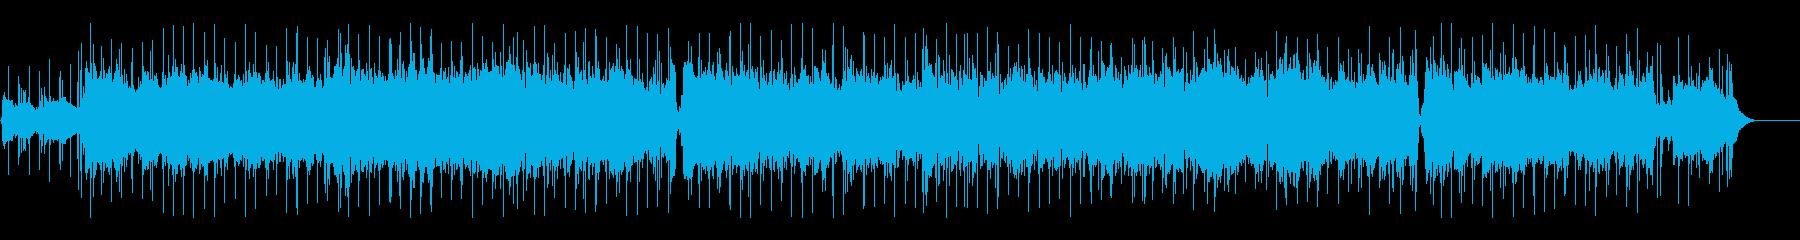 アコギとストリングスによる爽やかな曲の再生済みの波形